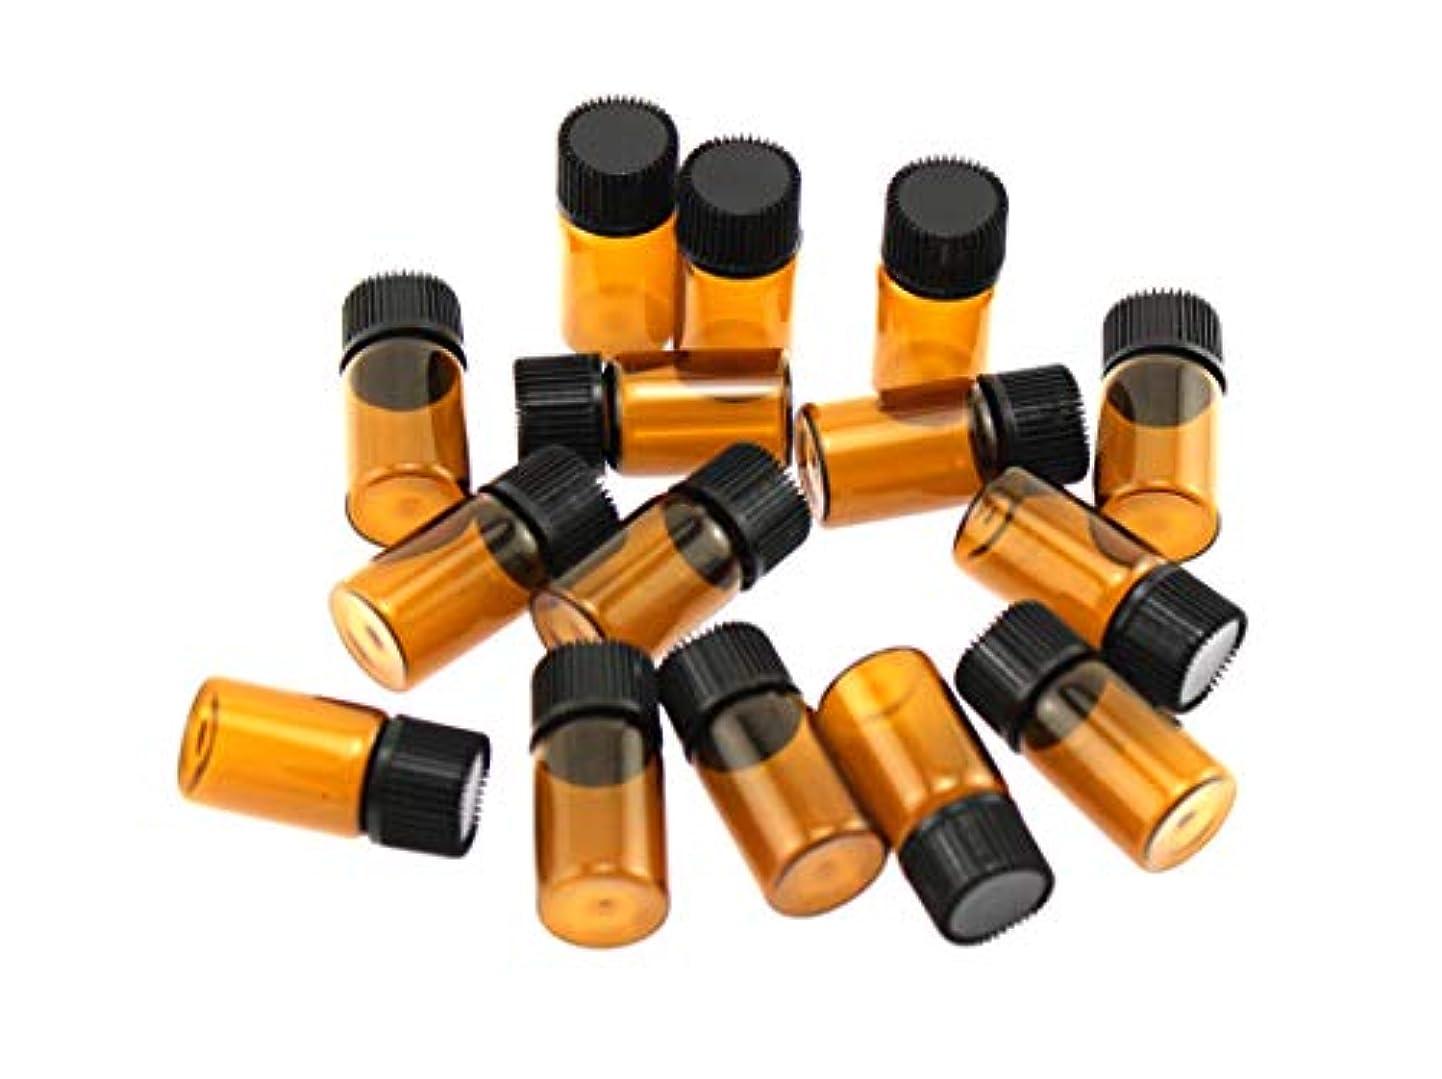 つづり彼ら一時的Olive-G アロマオイル エッセンシャルオイル 保存 小分け用 ガラスボトル 遮光タイプ 15本セット ブラウン